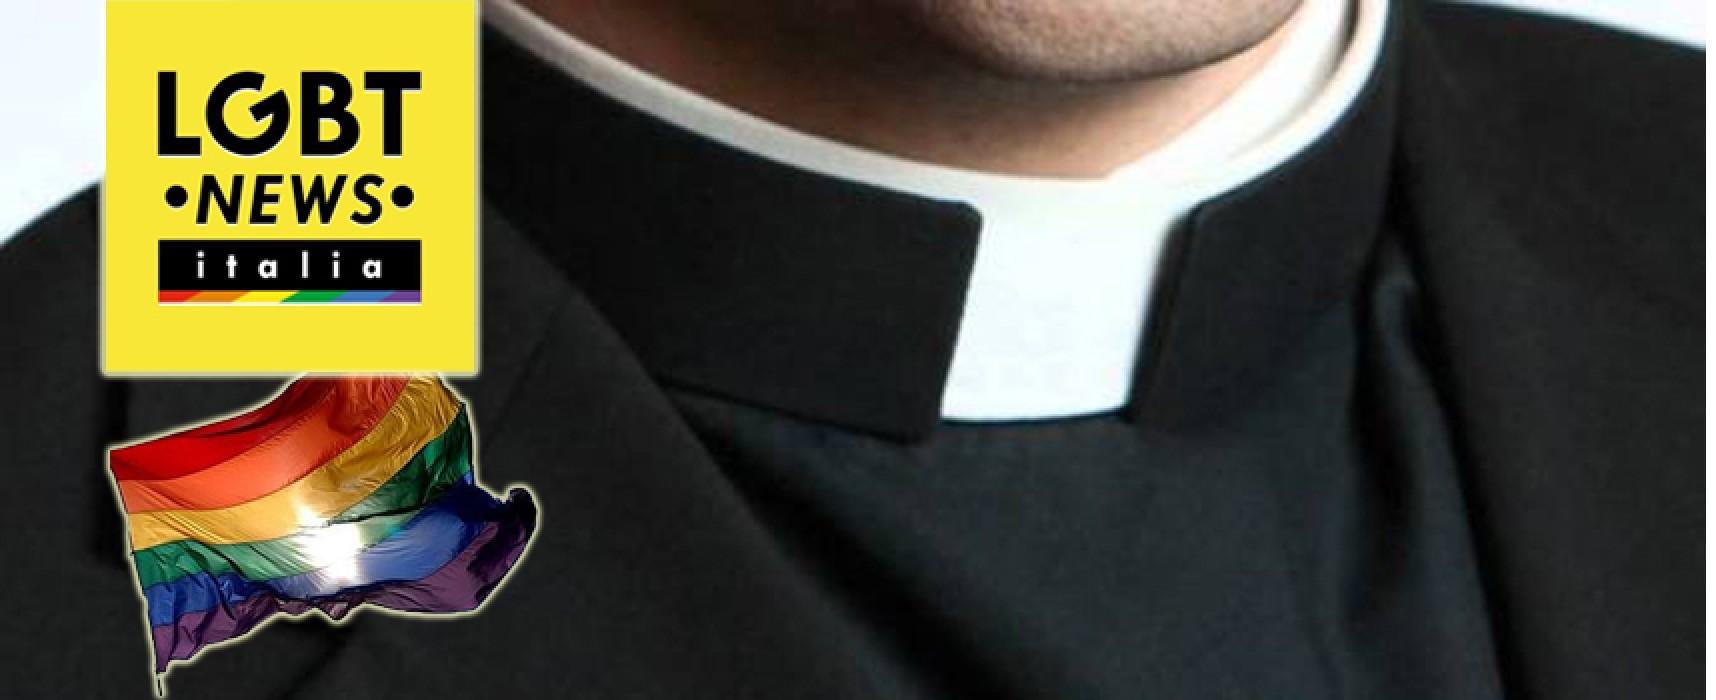 """LGBT News scrive al sacerdote biscegliese: """"Ecco cosa ti chiediamo"""""""